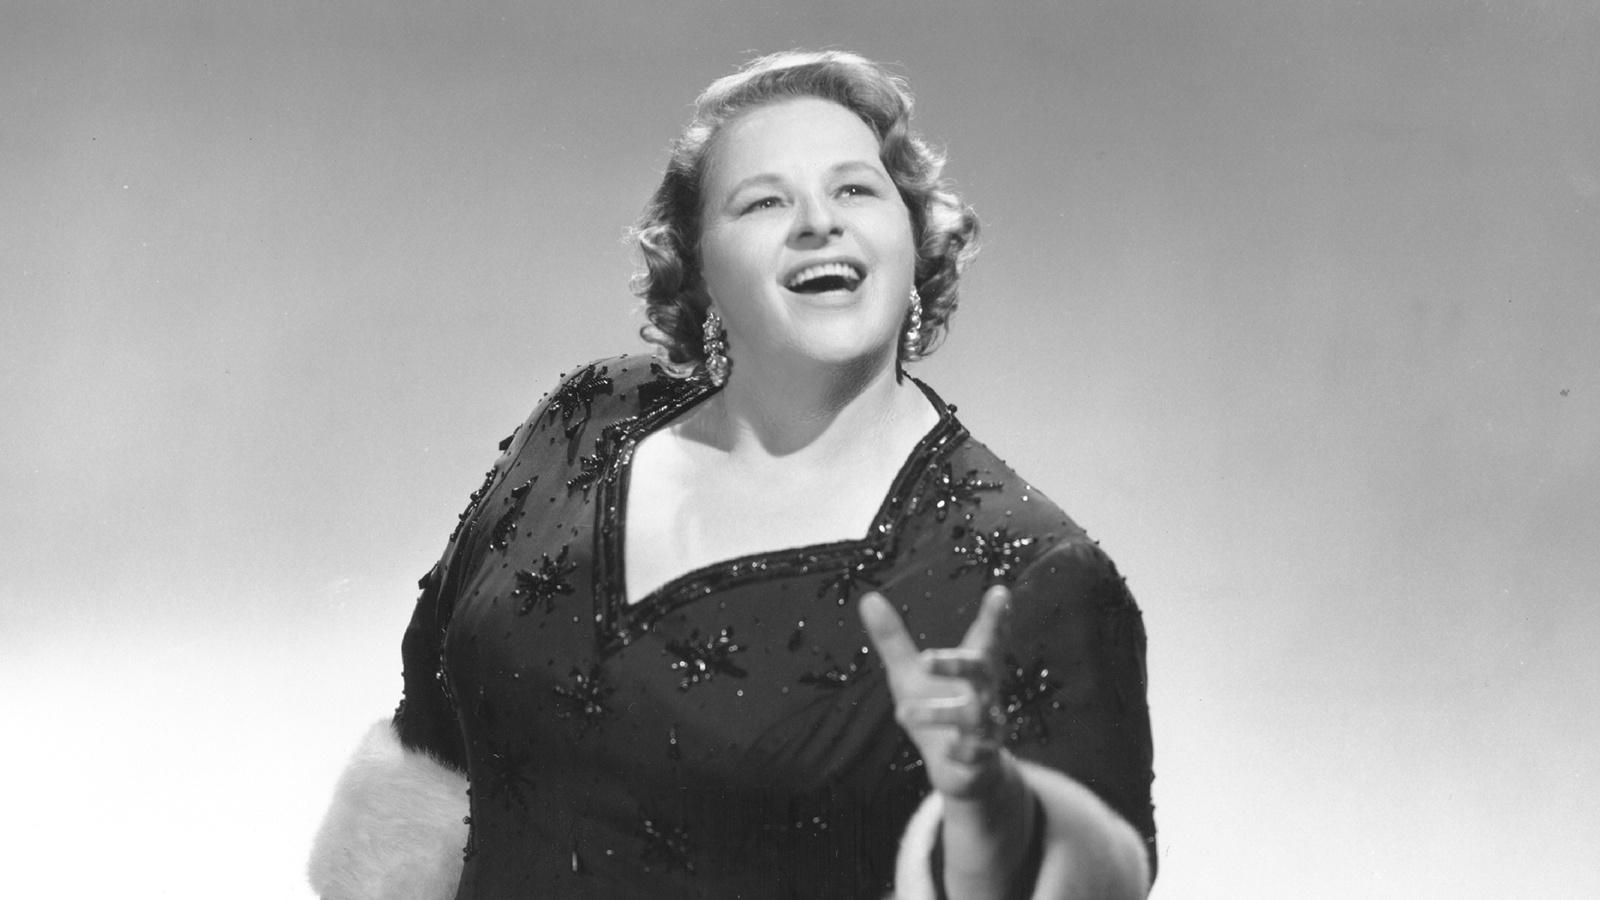 Kate Smith (1926-1939)